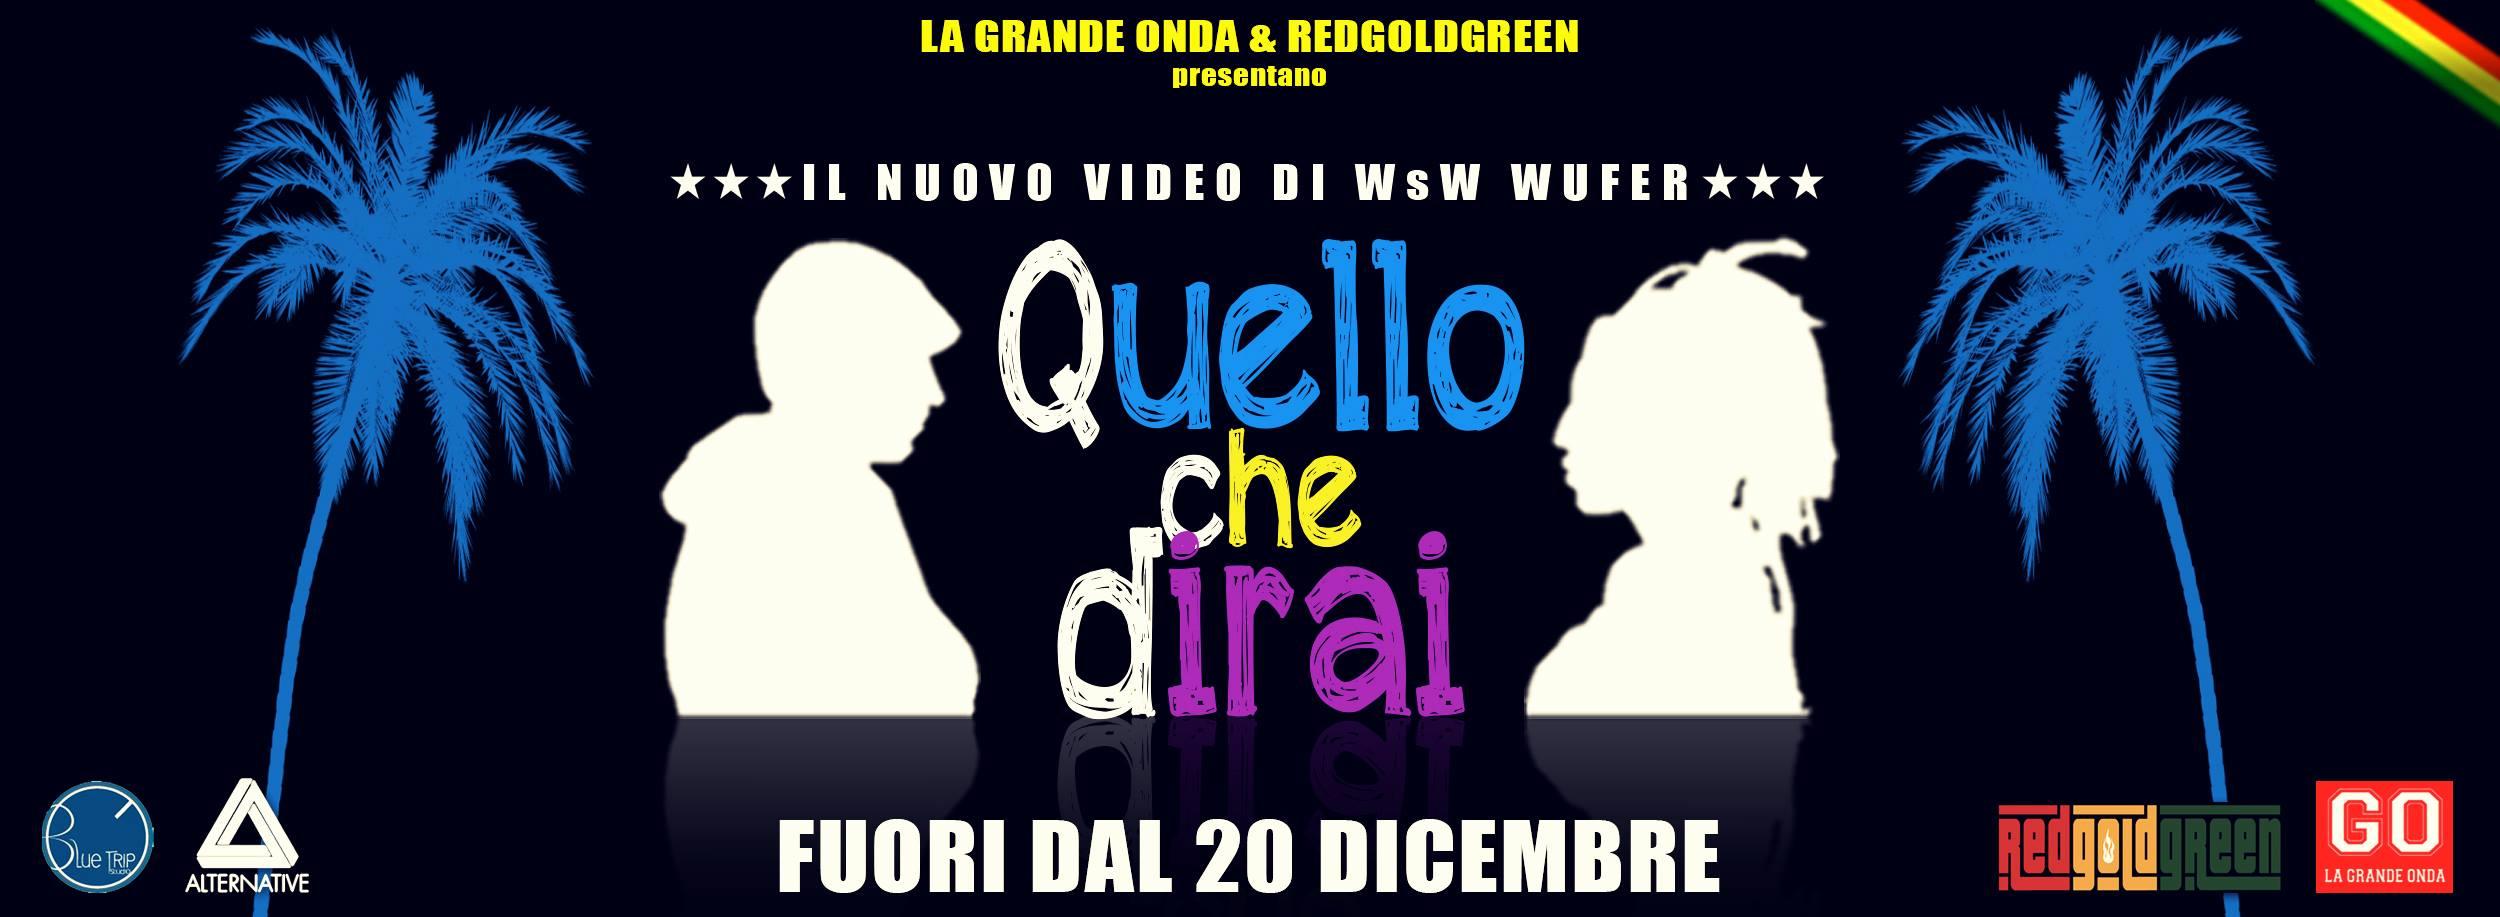 Wufer video